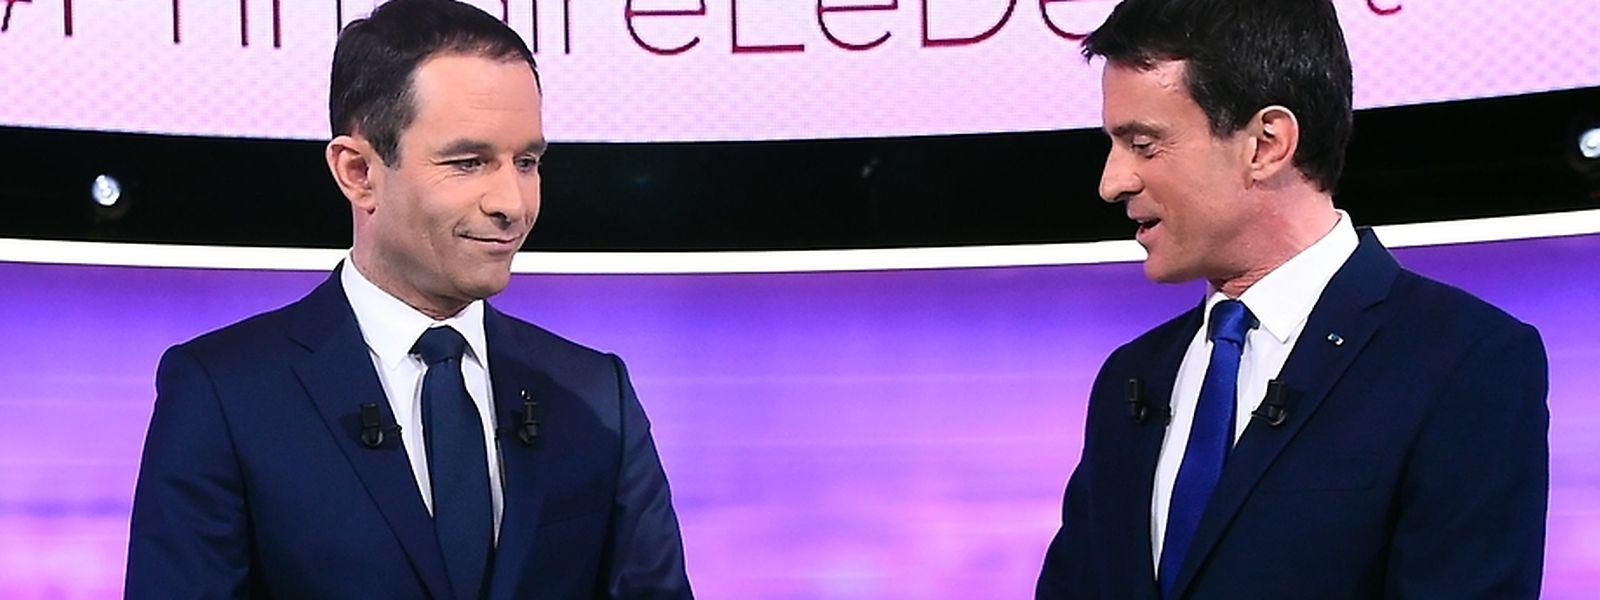 Benoit Hamon (l.) und Ex-Premier Manuel Valls waren sich in der Sache Fillon einig.